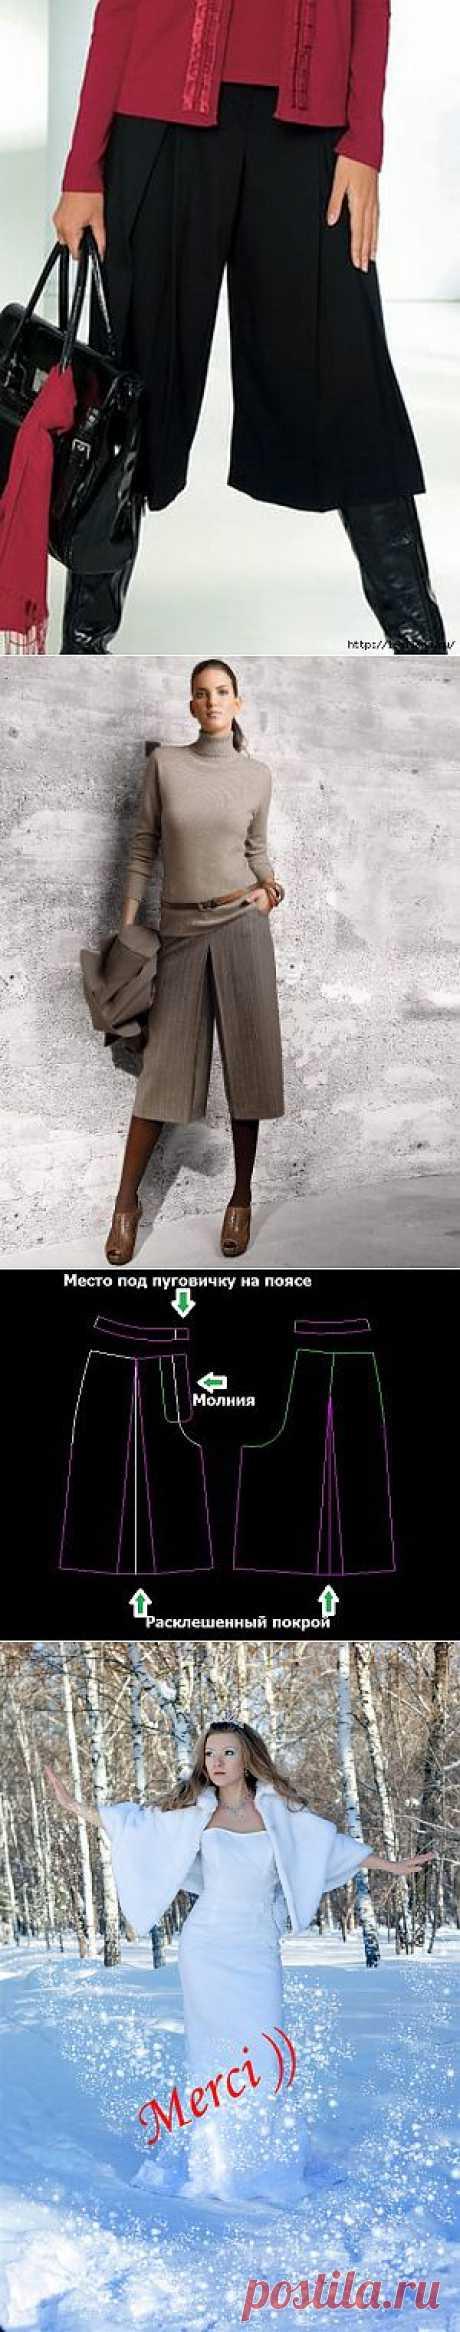 Удобная юбка-брюки. Выкройка.